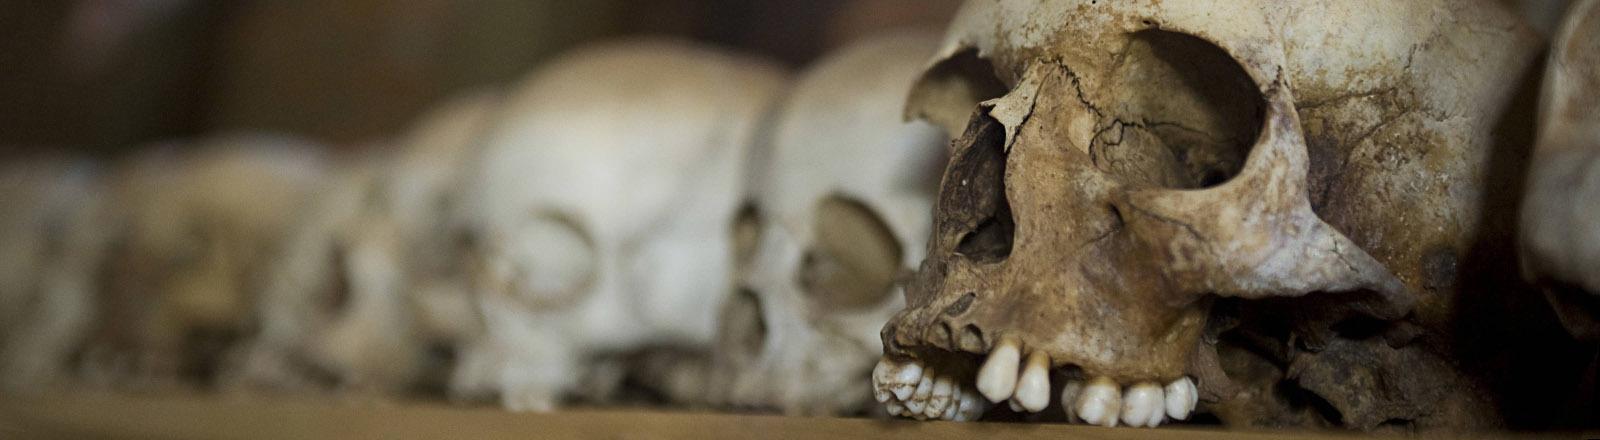 Schädel von ermordeten Tutsi auf einem Regalbrett.